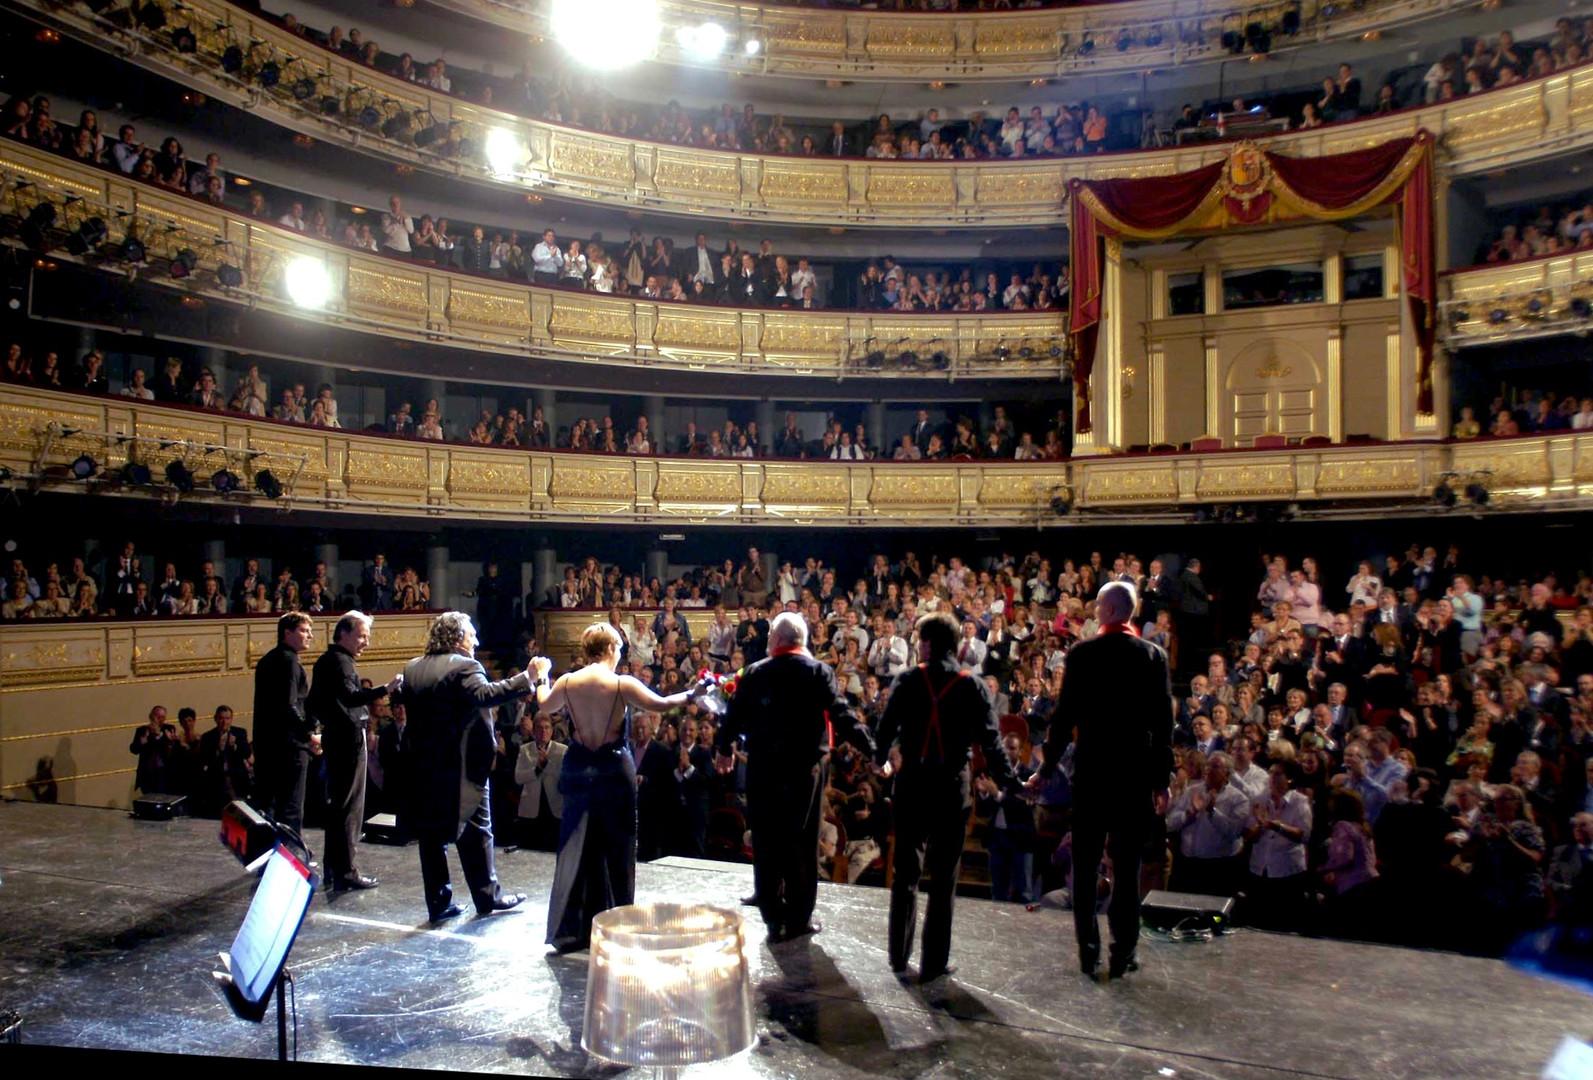 Teatro Real | Madrid